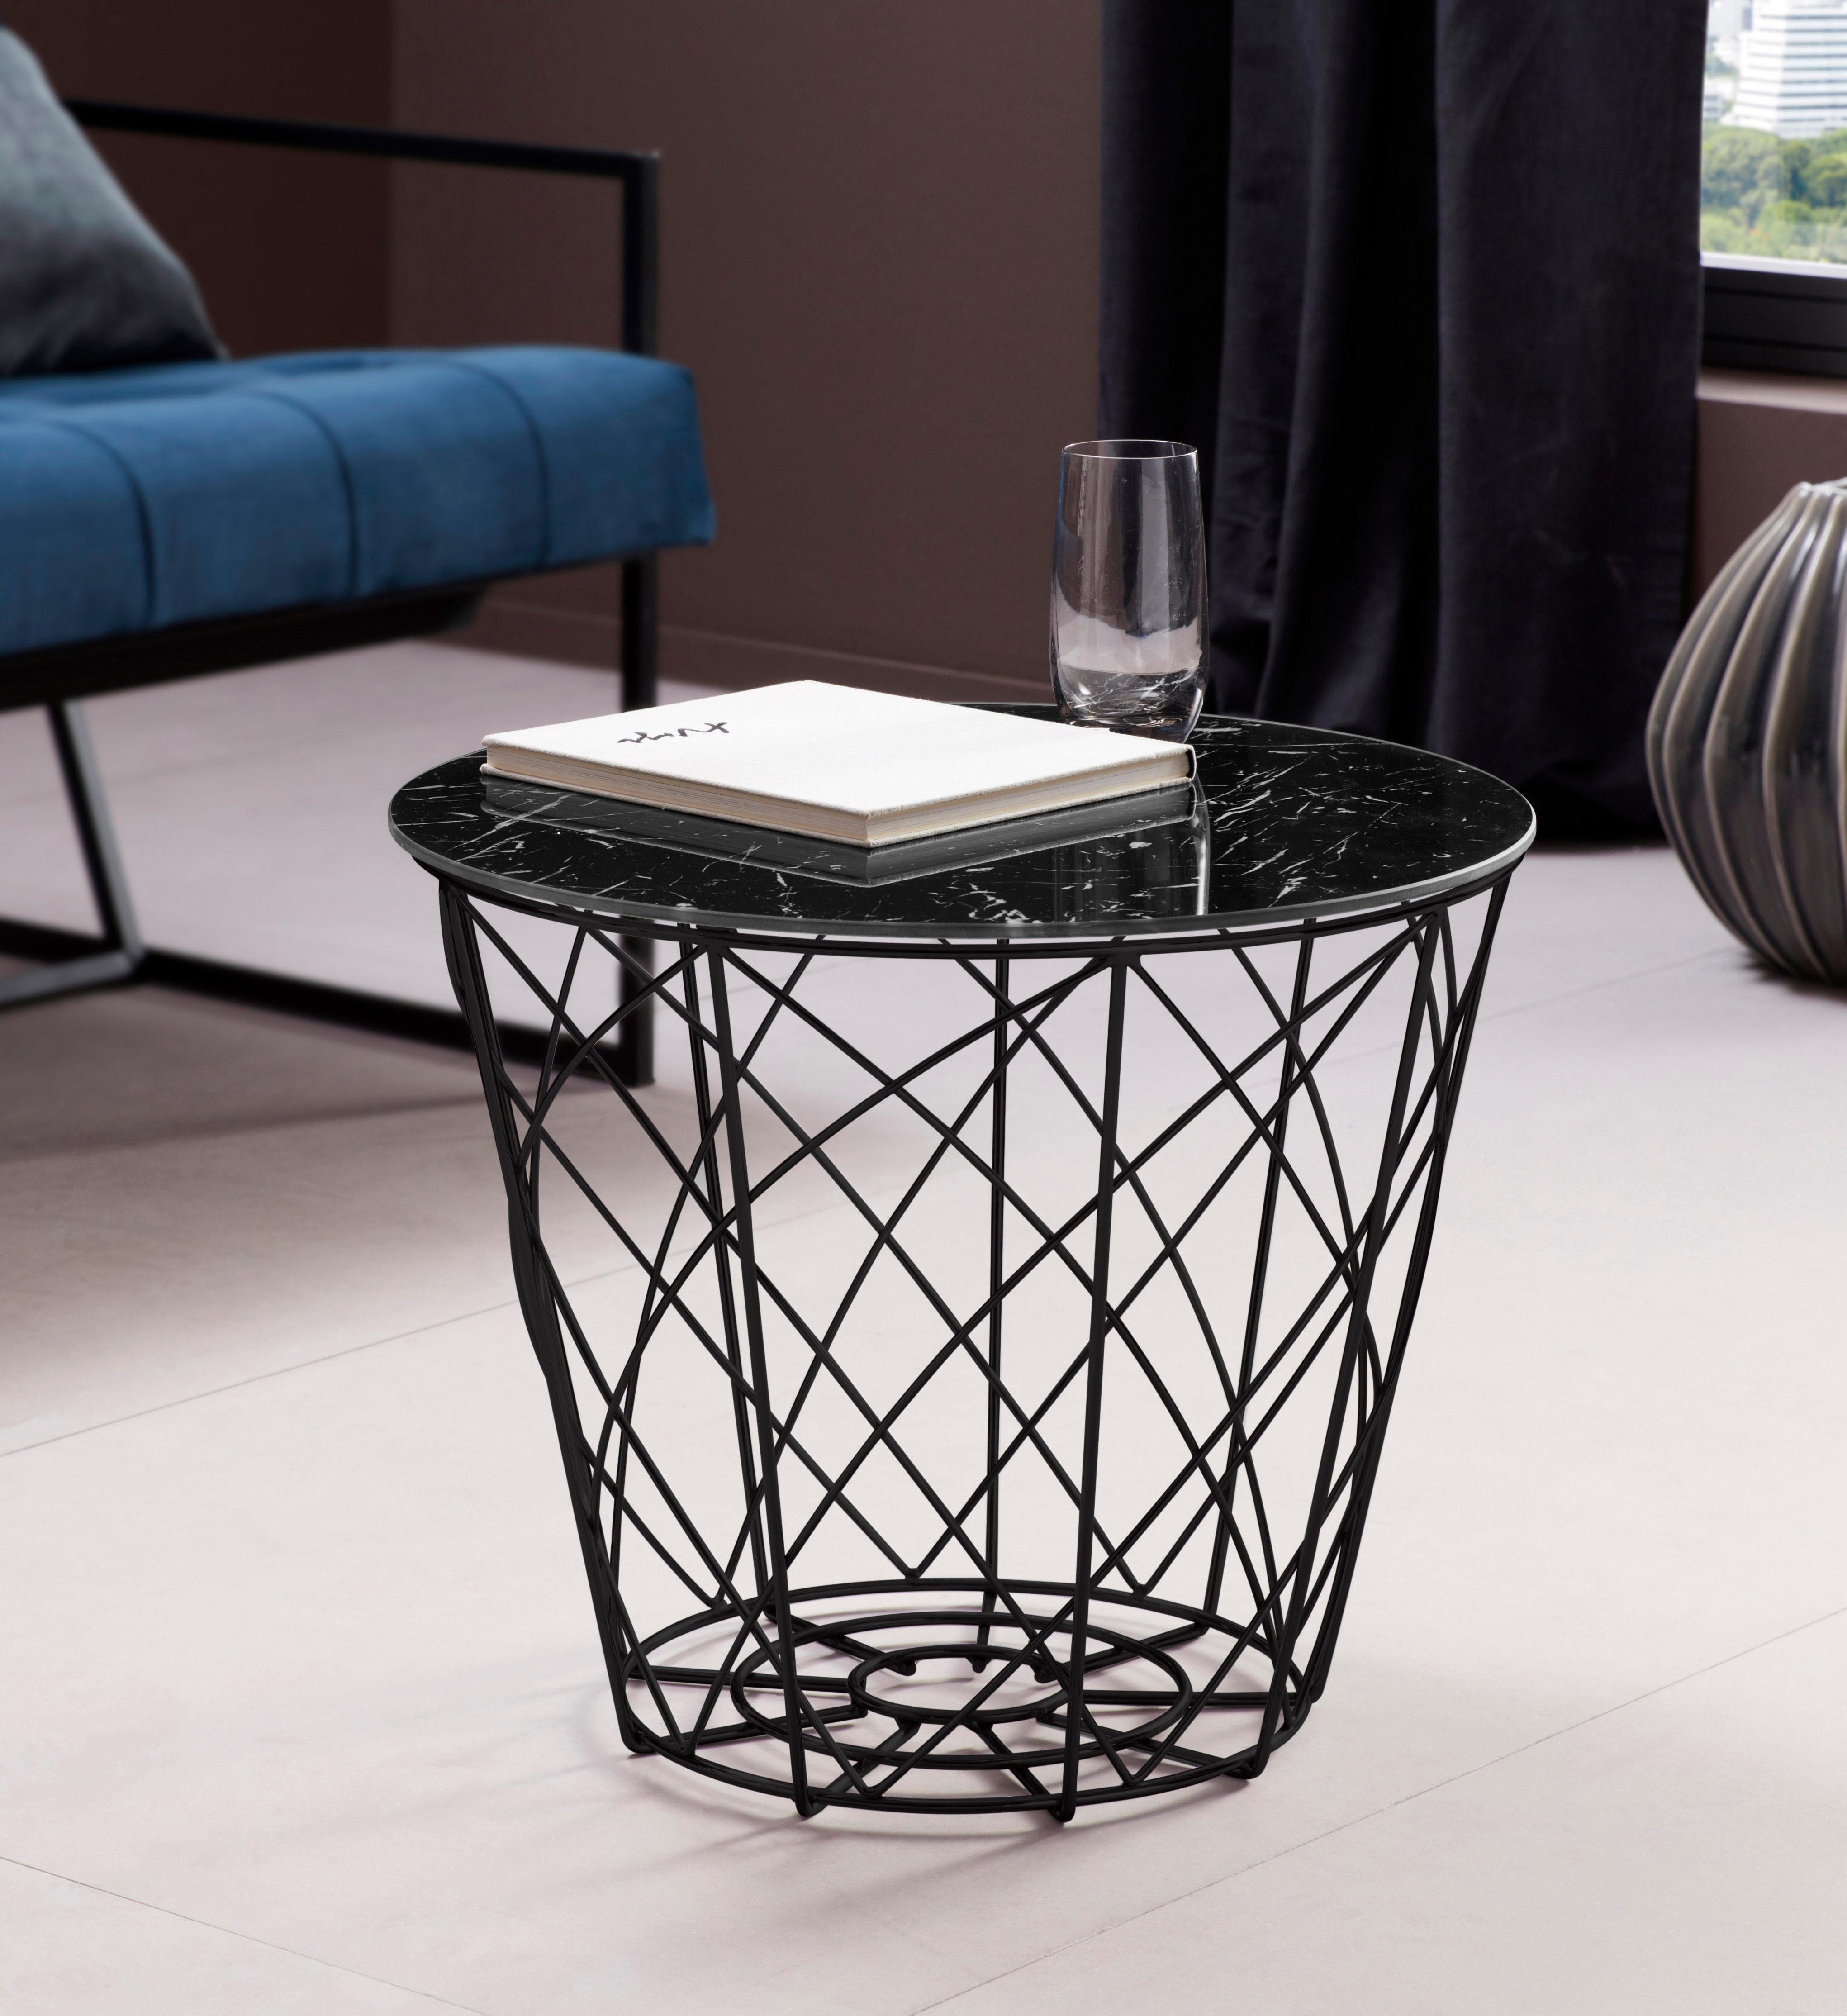 Glas beistelltisch rund preisvergleich die besten for Tischplatte marmoroptik